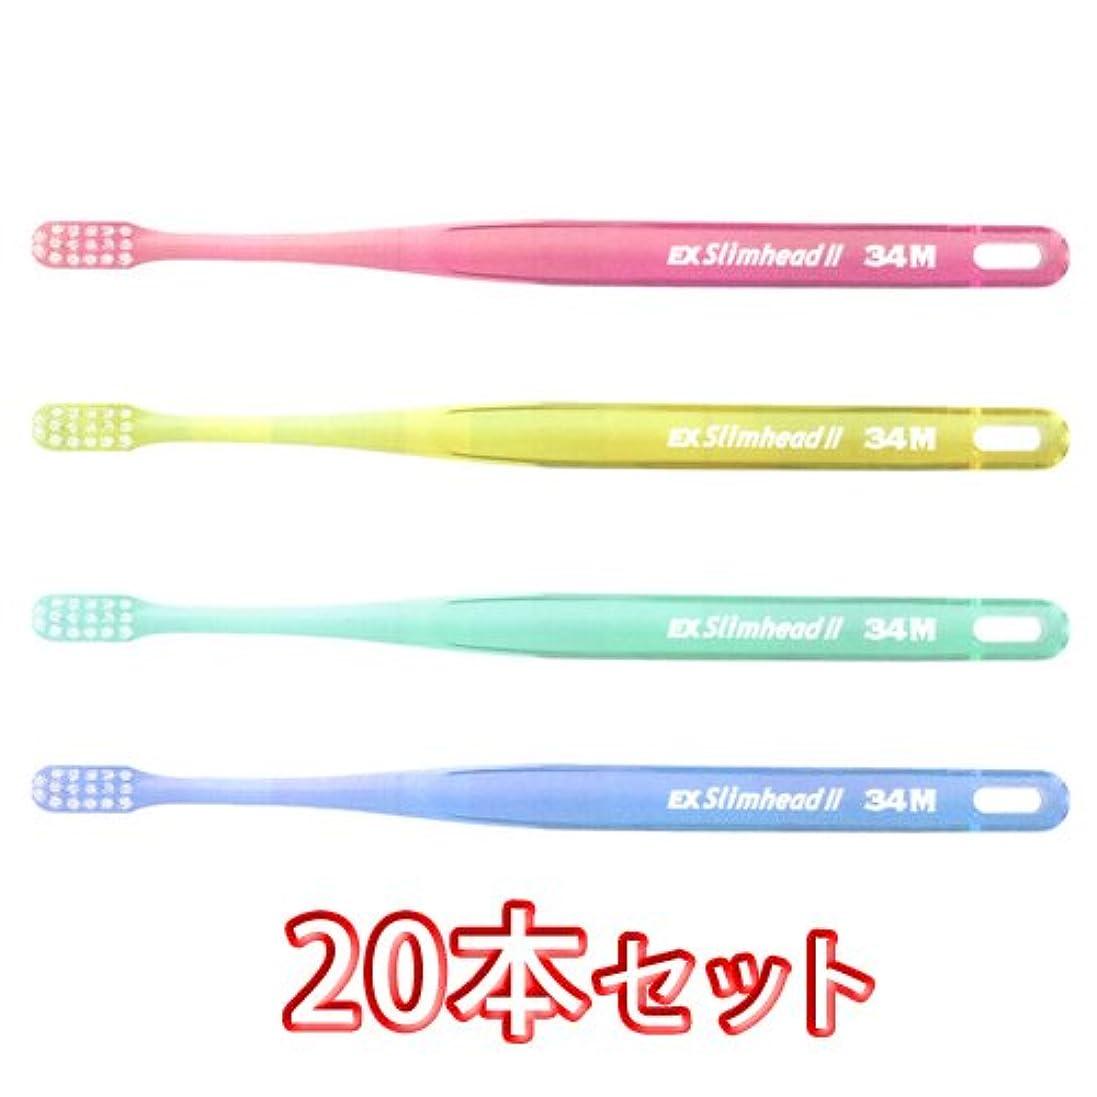 蓄積する気分が悪いヘッドレスライオン スリムヘッド2 歯ブラシ DENT . EX Slimhead2 20本入 (34M)